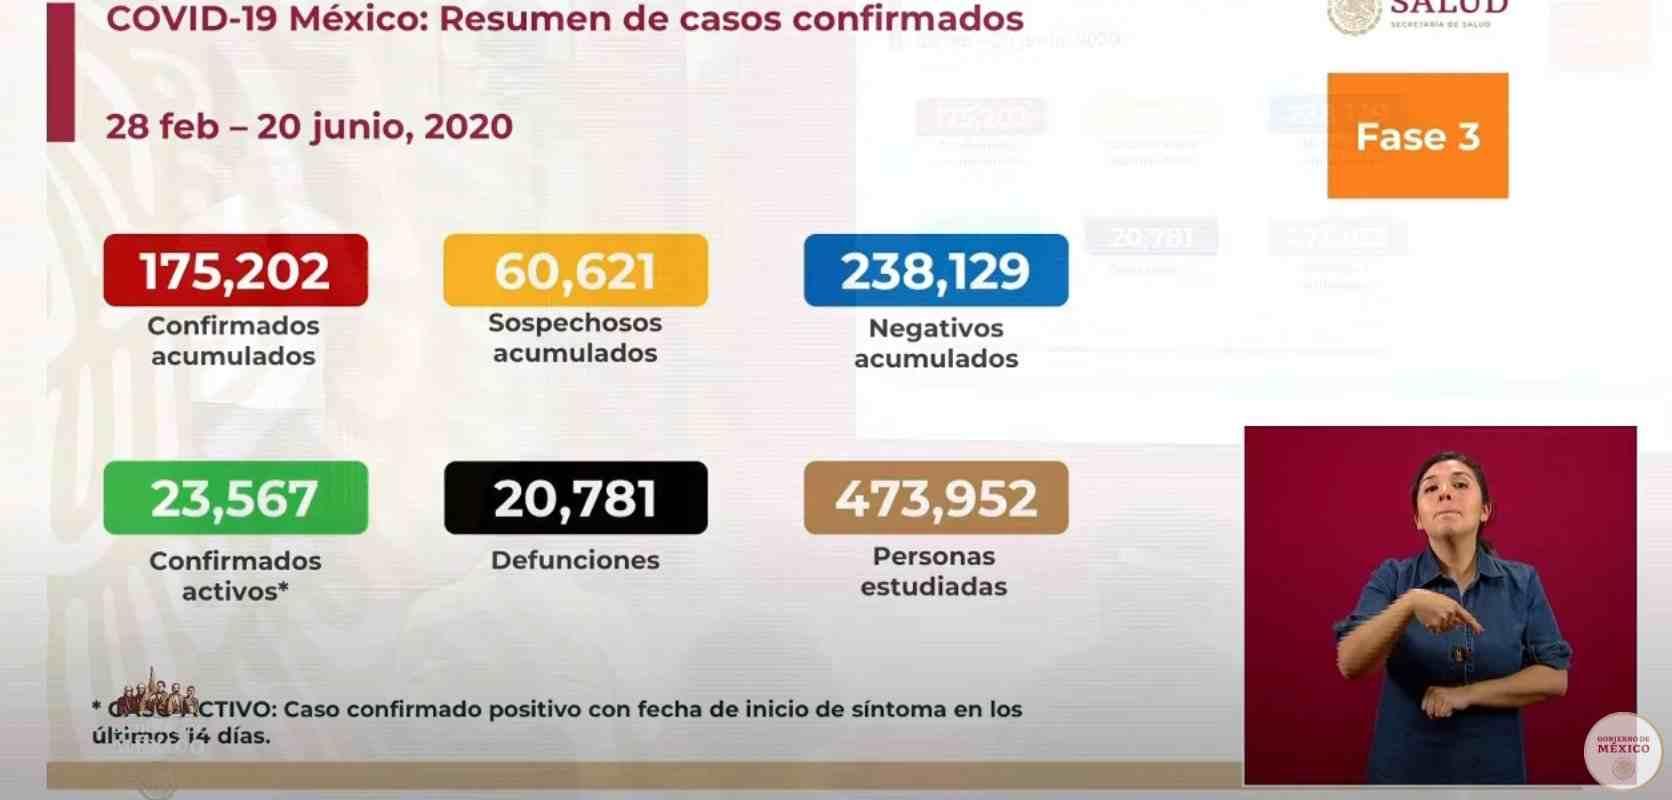 SIGUE AVANZANDO EL CORONAVIRUS; HAY 20 MIL 781 DEFUNCIONES